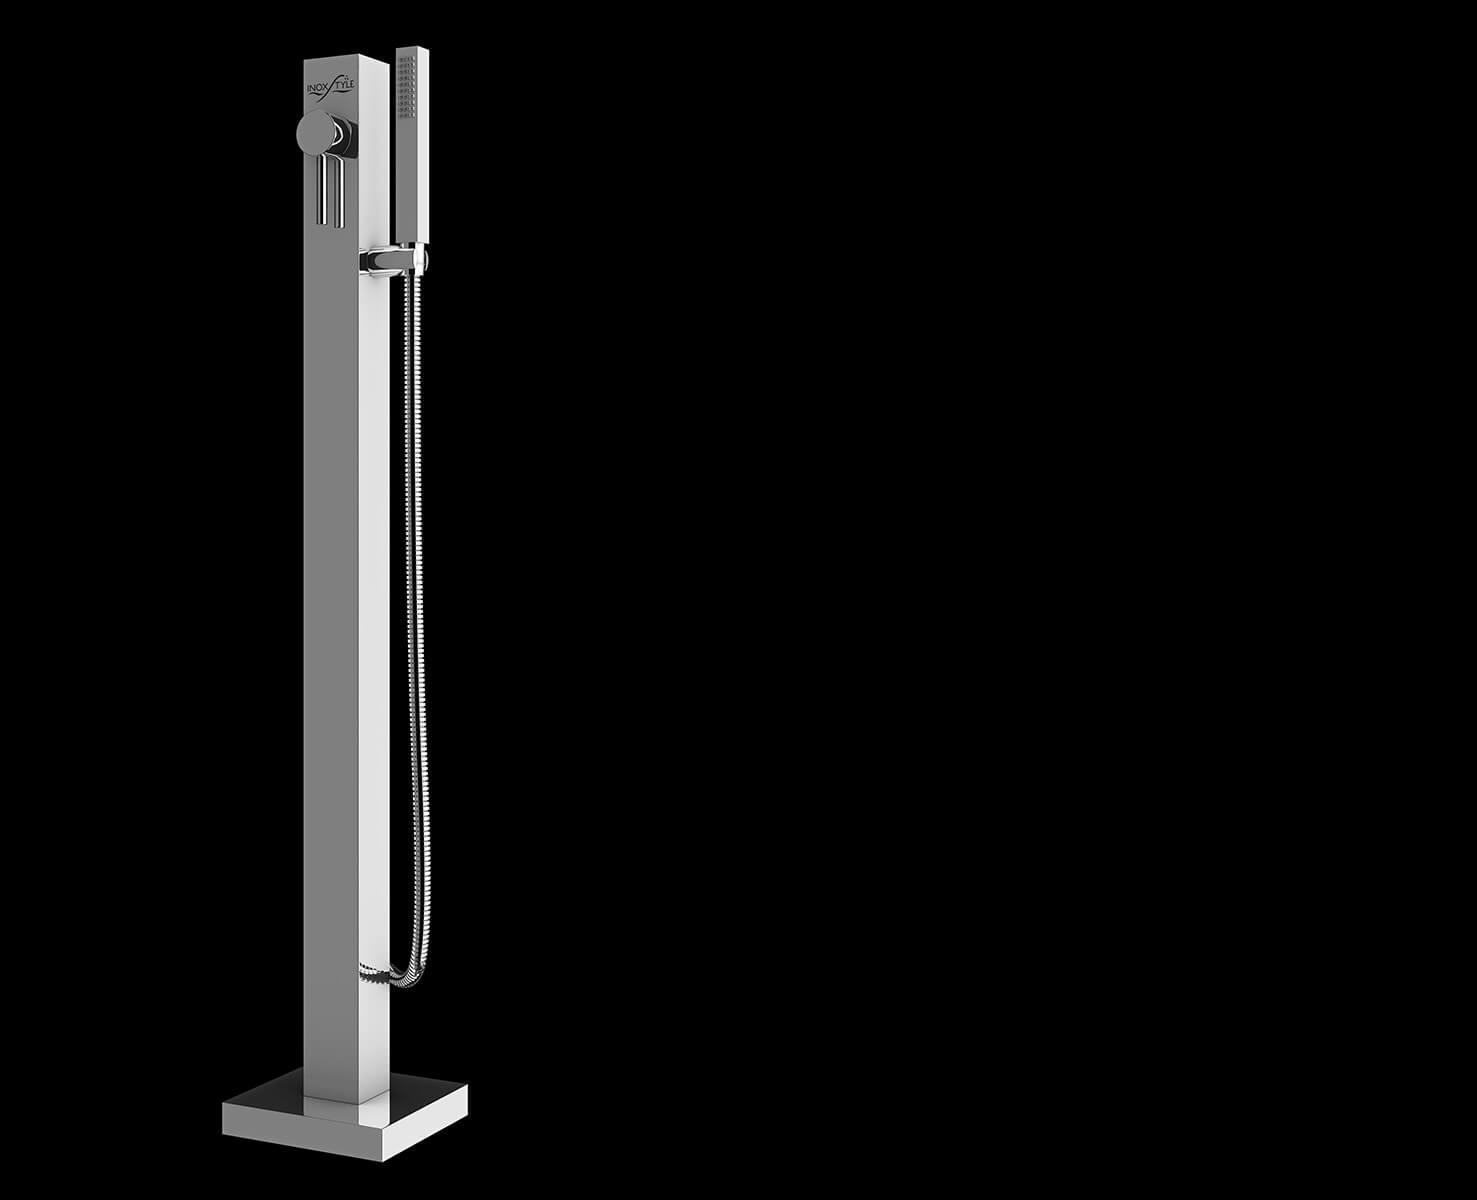 Telefono cube doccia per esterno in acciaio inox inoxstyle - Doccia per esterno ...